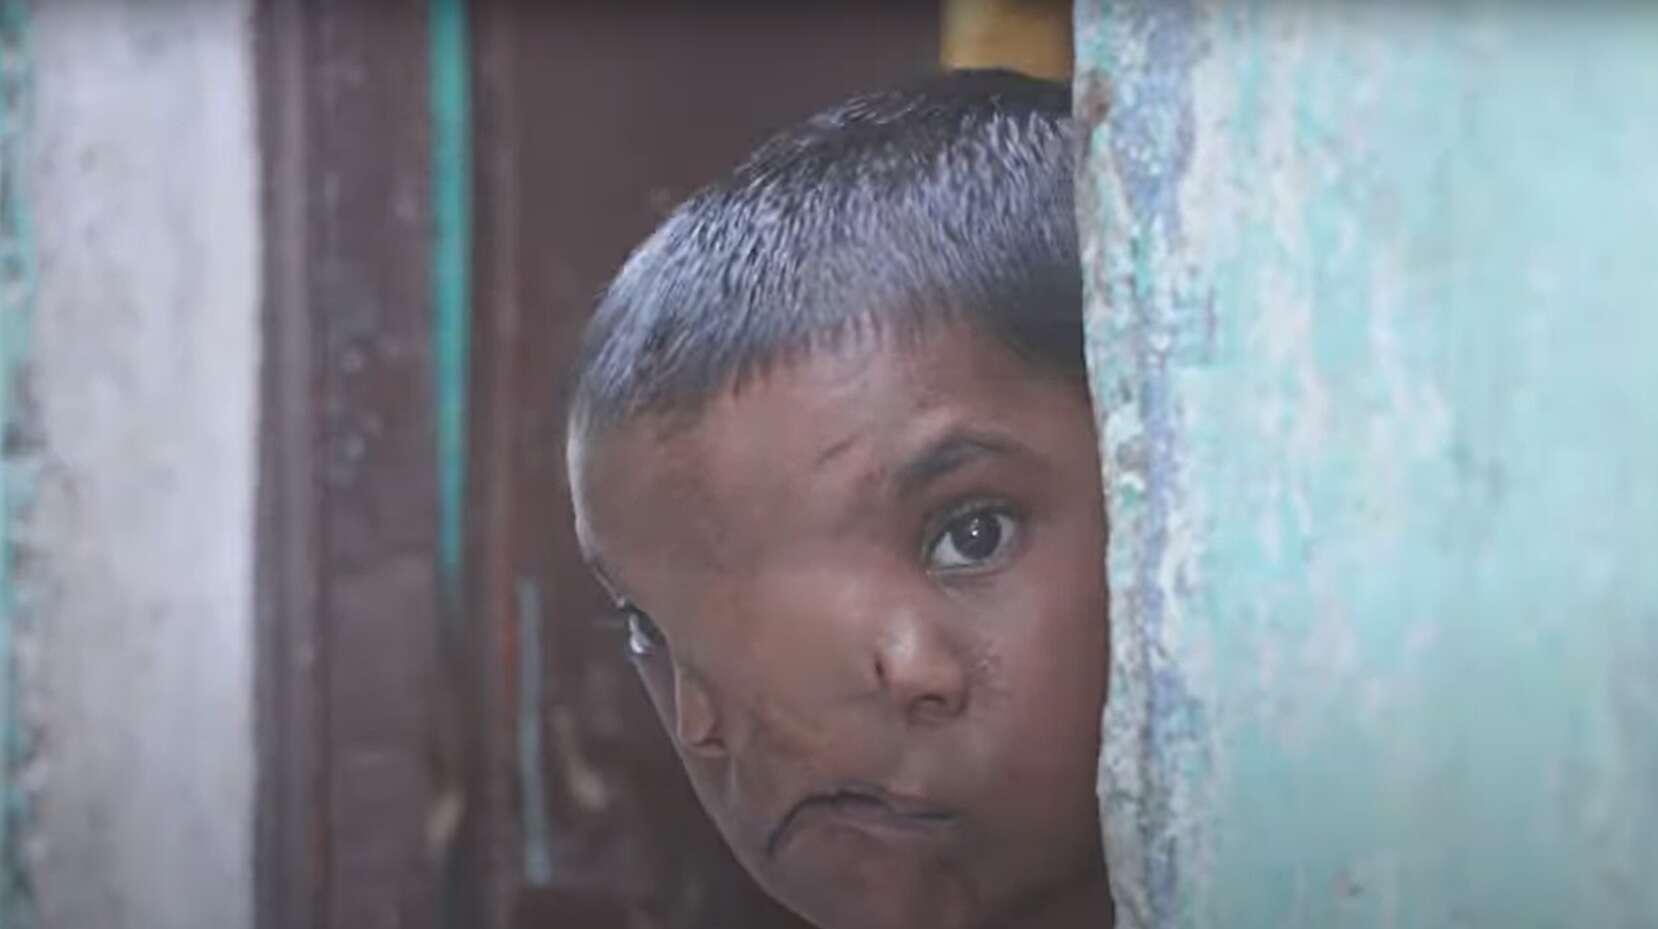 הזוי: ילדה הודית הפכה למוקד עלייה לרגל בעקבות מום בלידה שיצר לה שני אפים